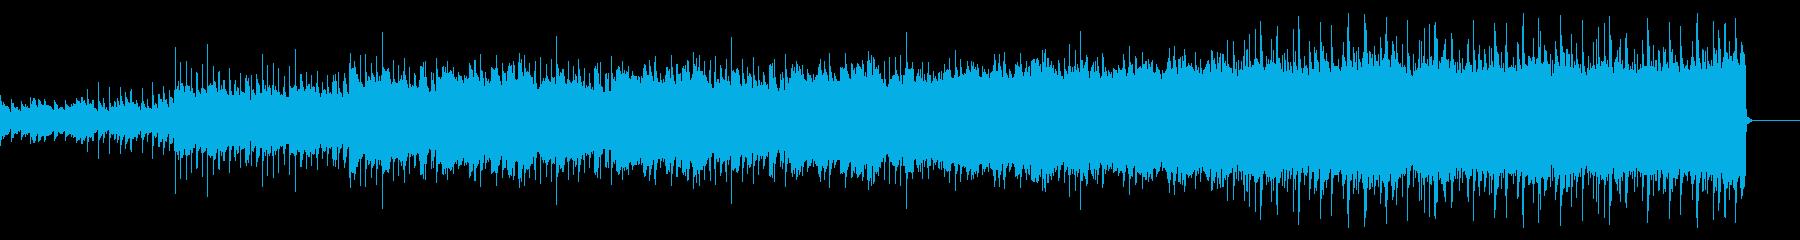 ノスタルジックなインディーロックの再生済みの波形